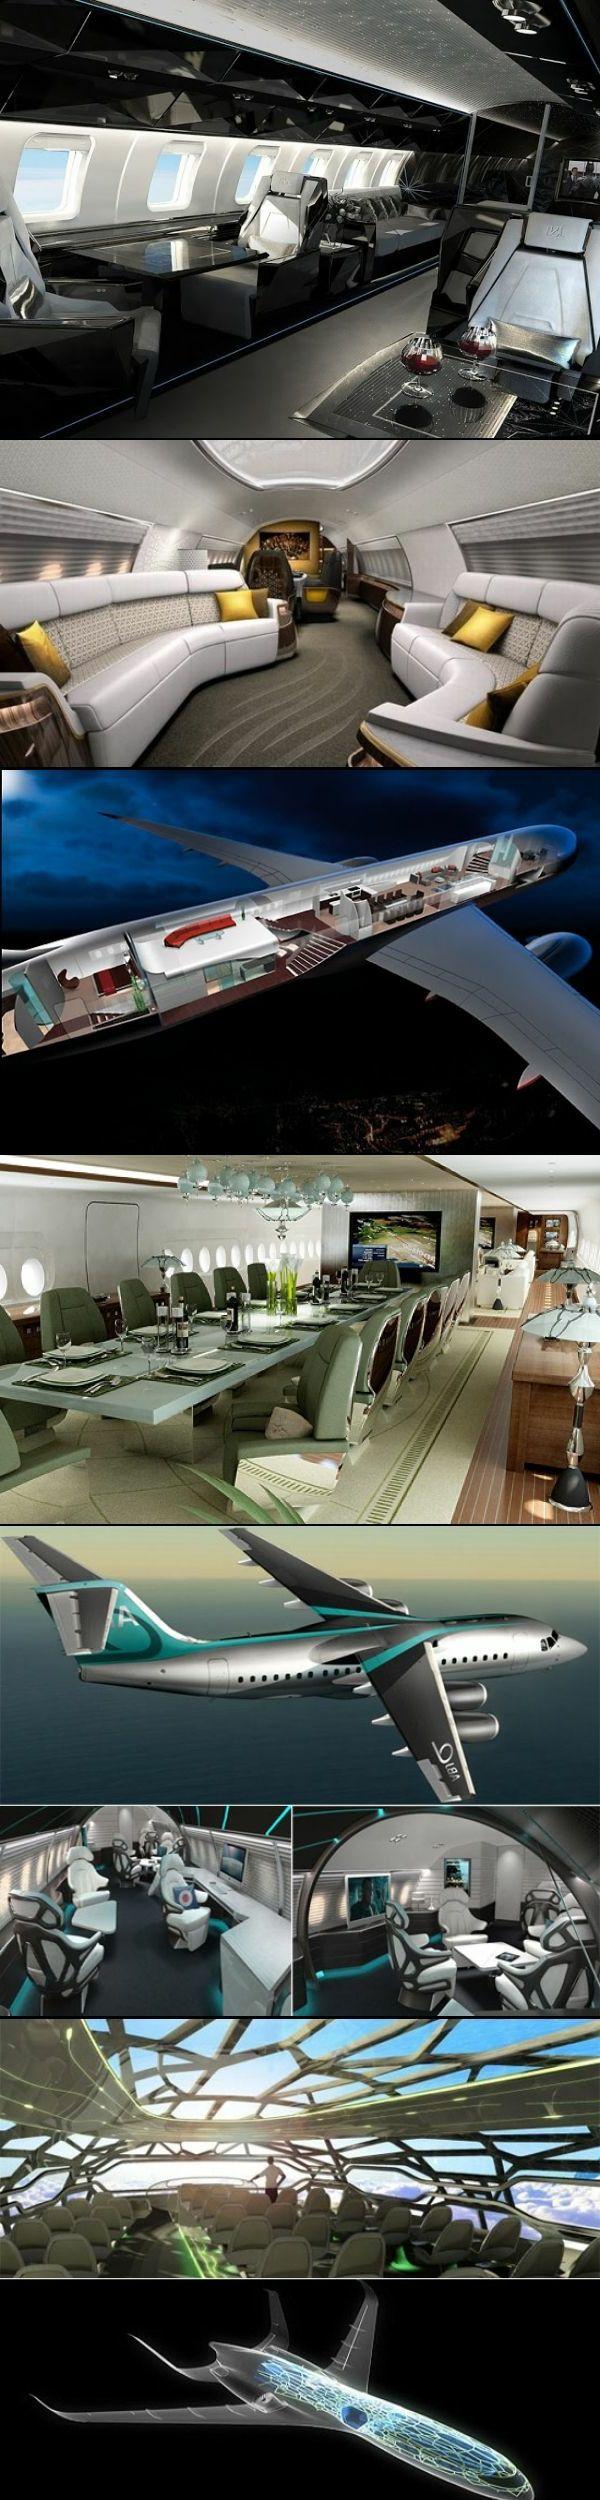 un ambiance de luxe à bord de votre avion privé